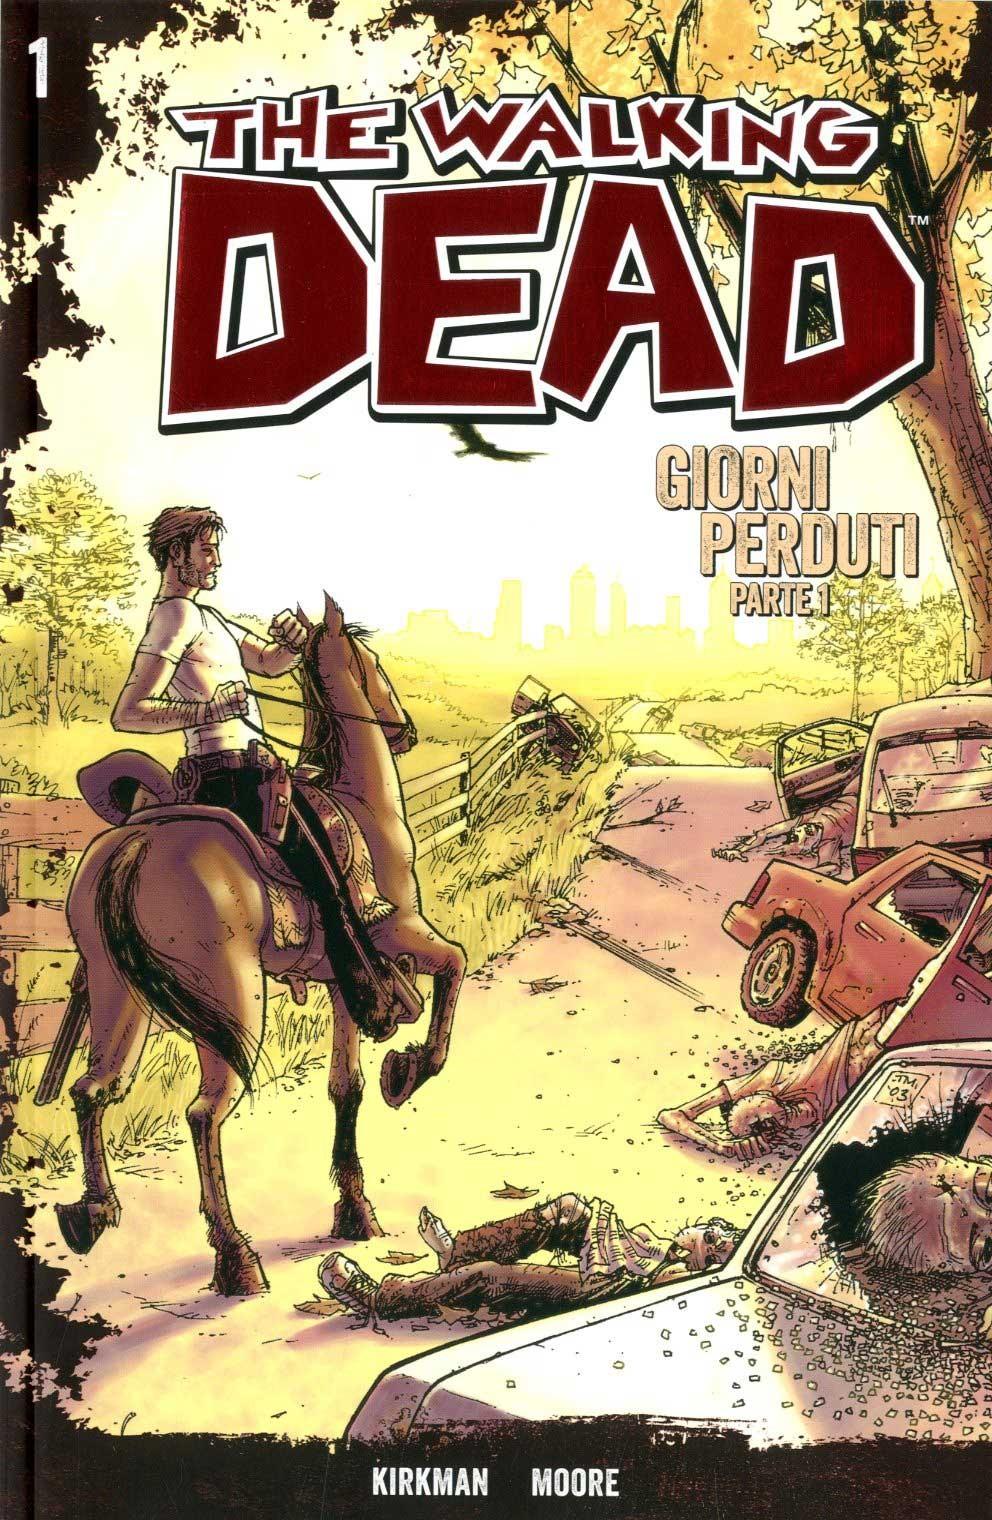 Walking Dead Gazzetta Sport - N° 1 - Giorni Perduti 1 + Dvd - Saldapress